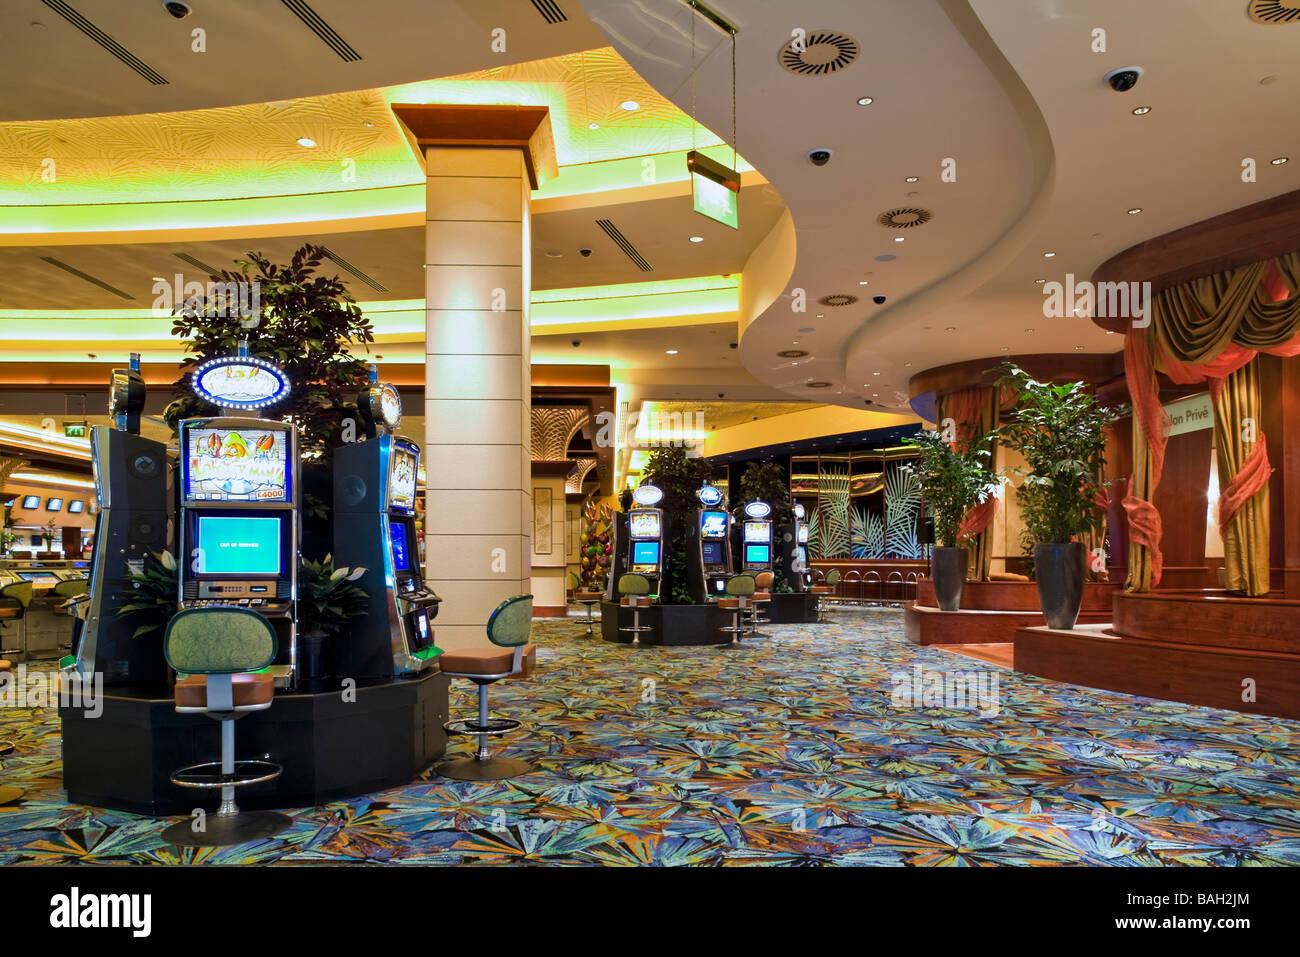 Caprie casino gambling diary irs